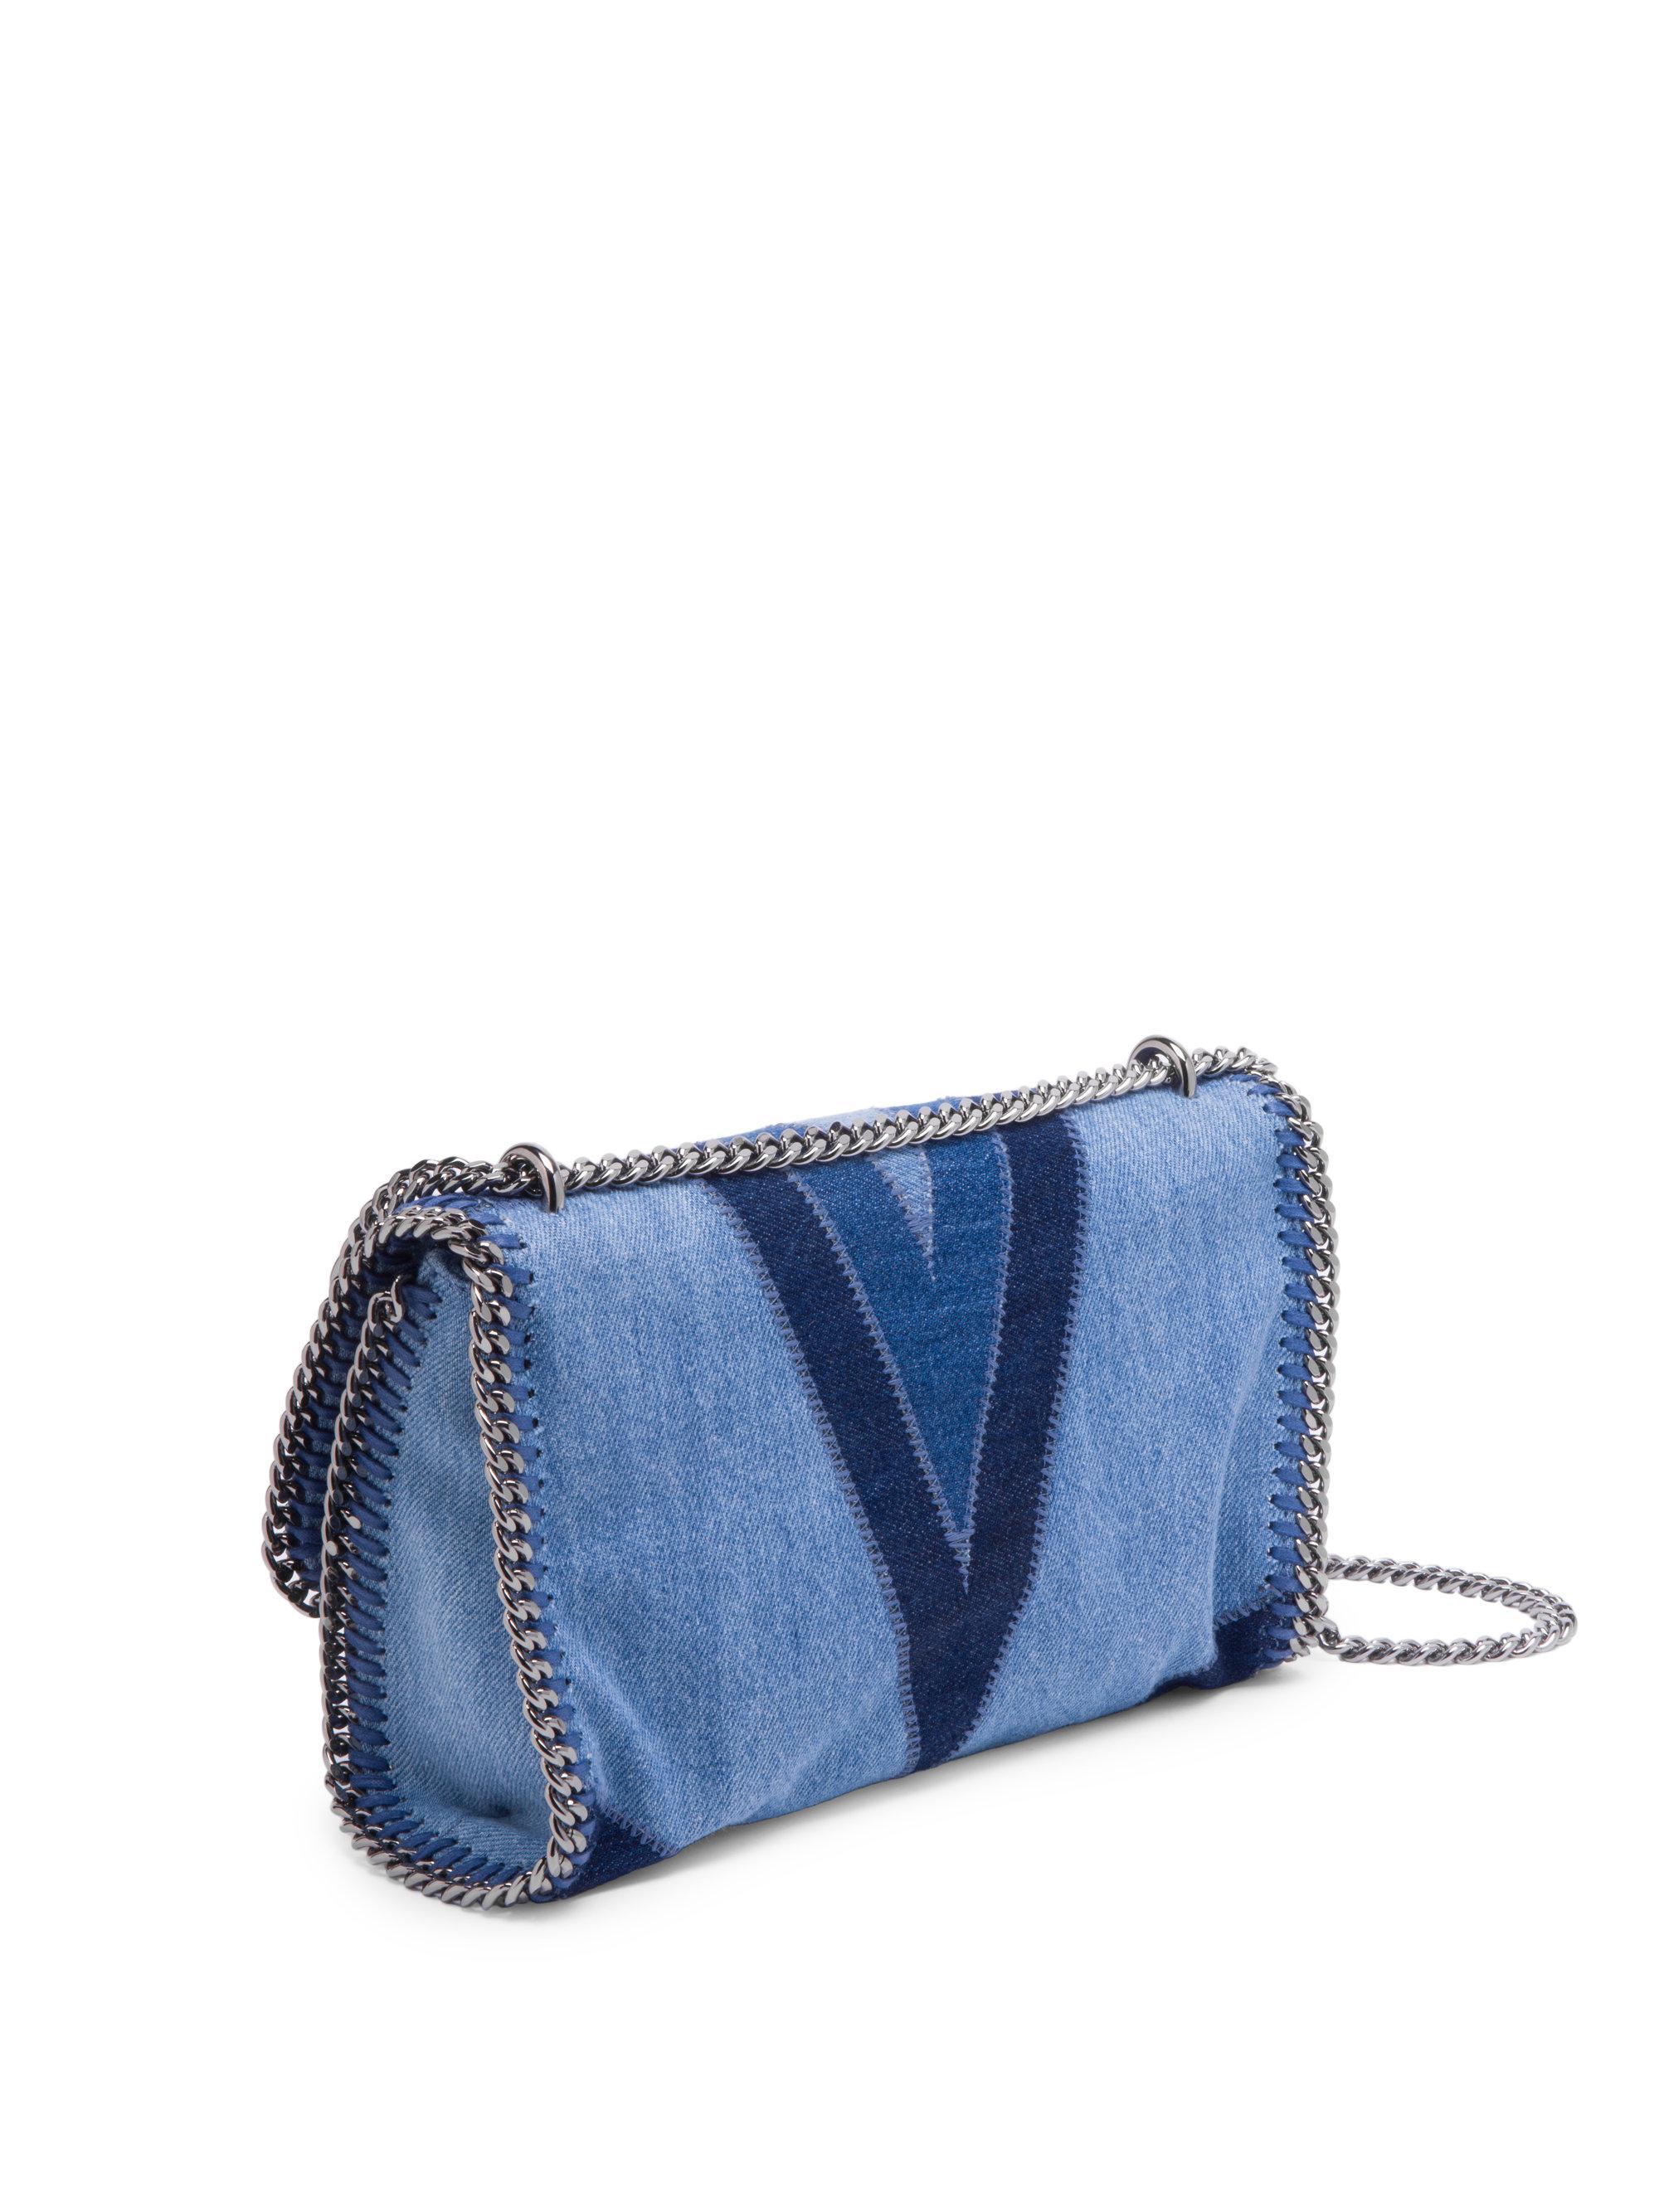 Lyst - Stella McCartney Star Denim Shoulder Bag in Blue ec63b705f7209